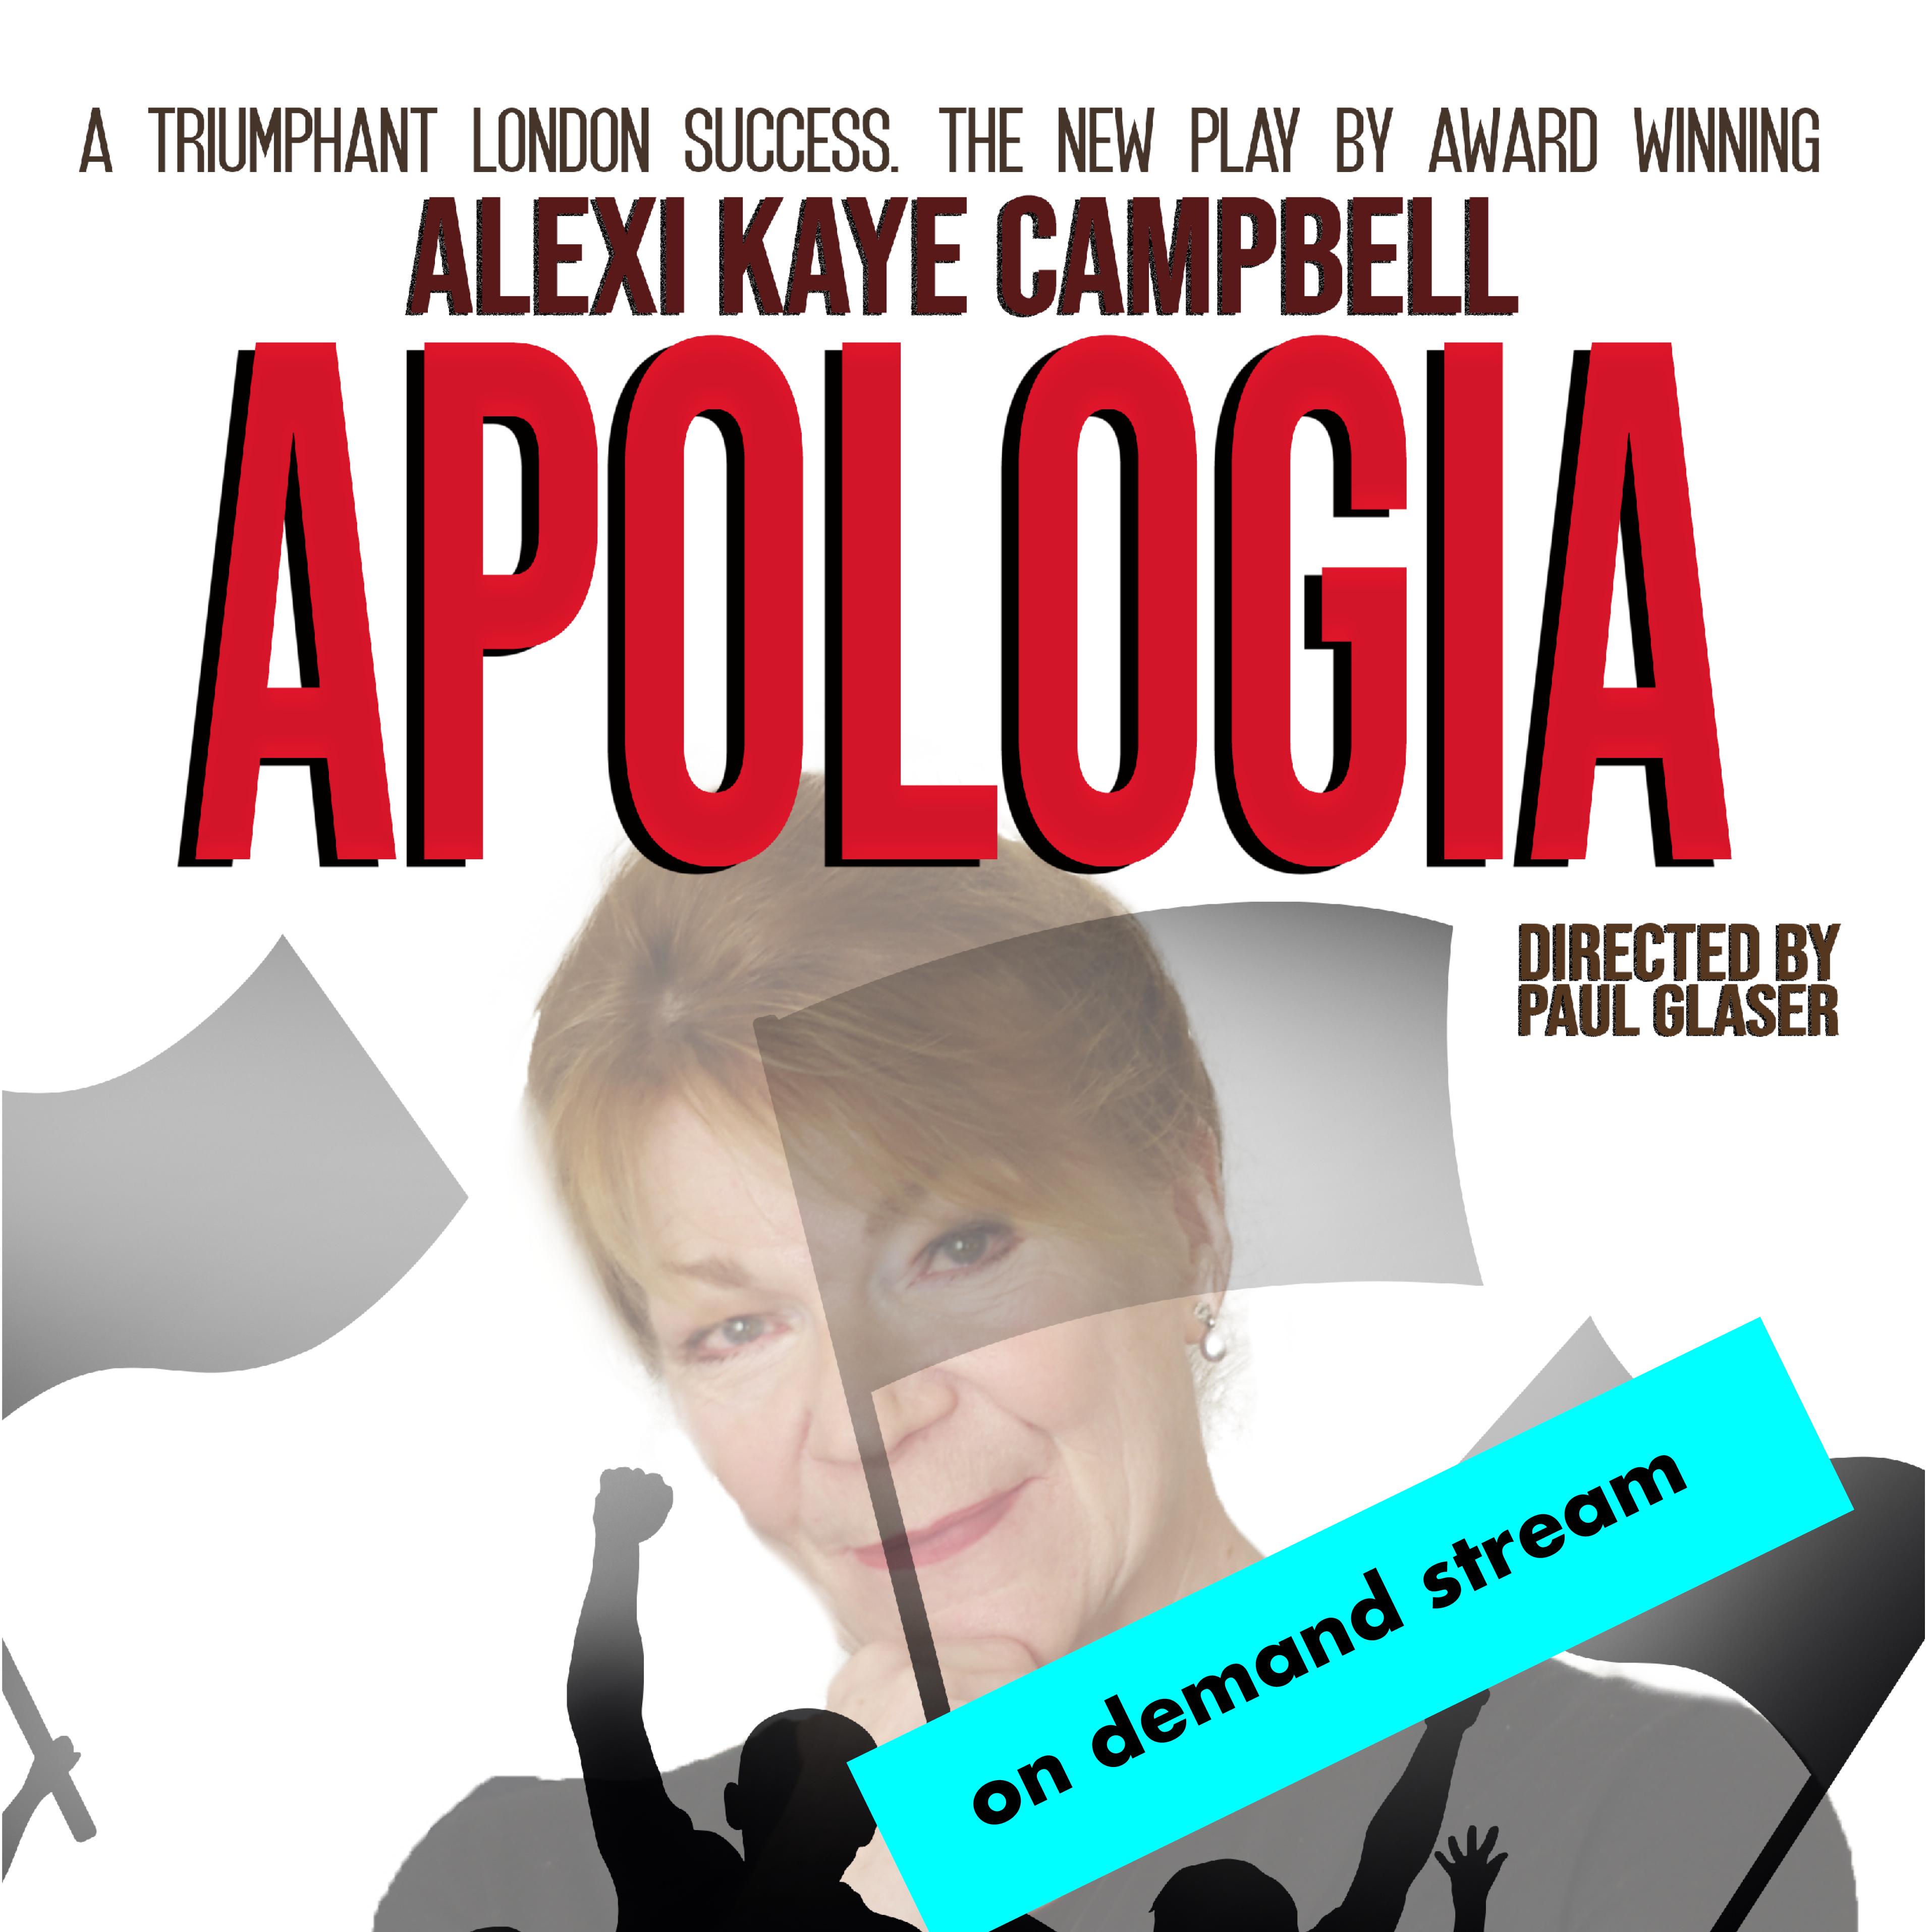 APOLOGIA ON DEMAND STREAM